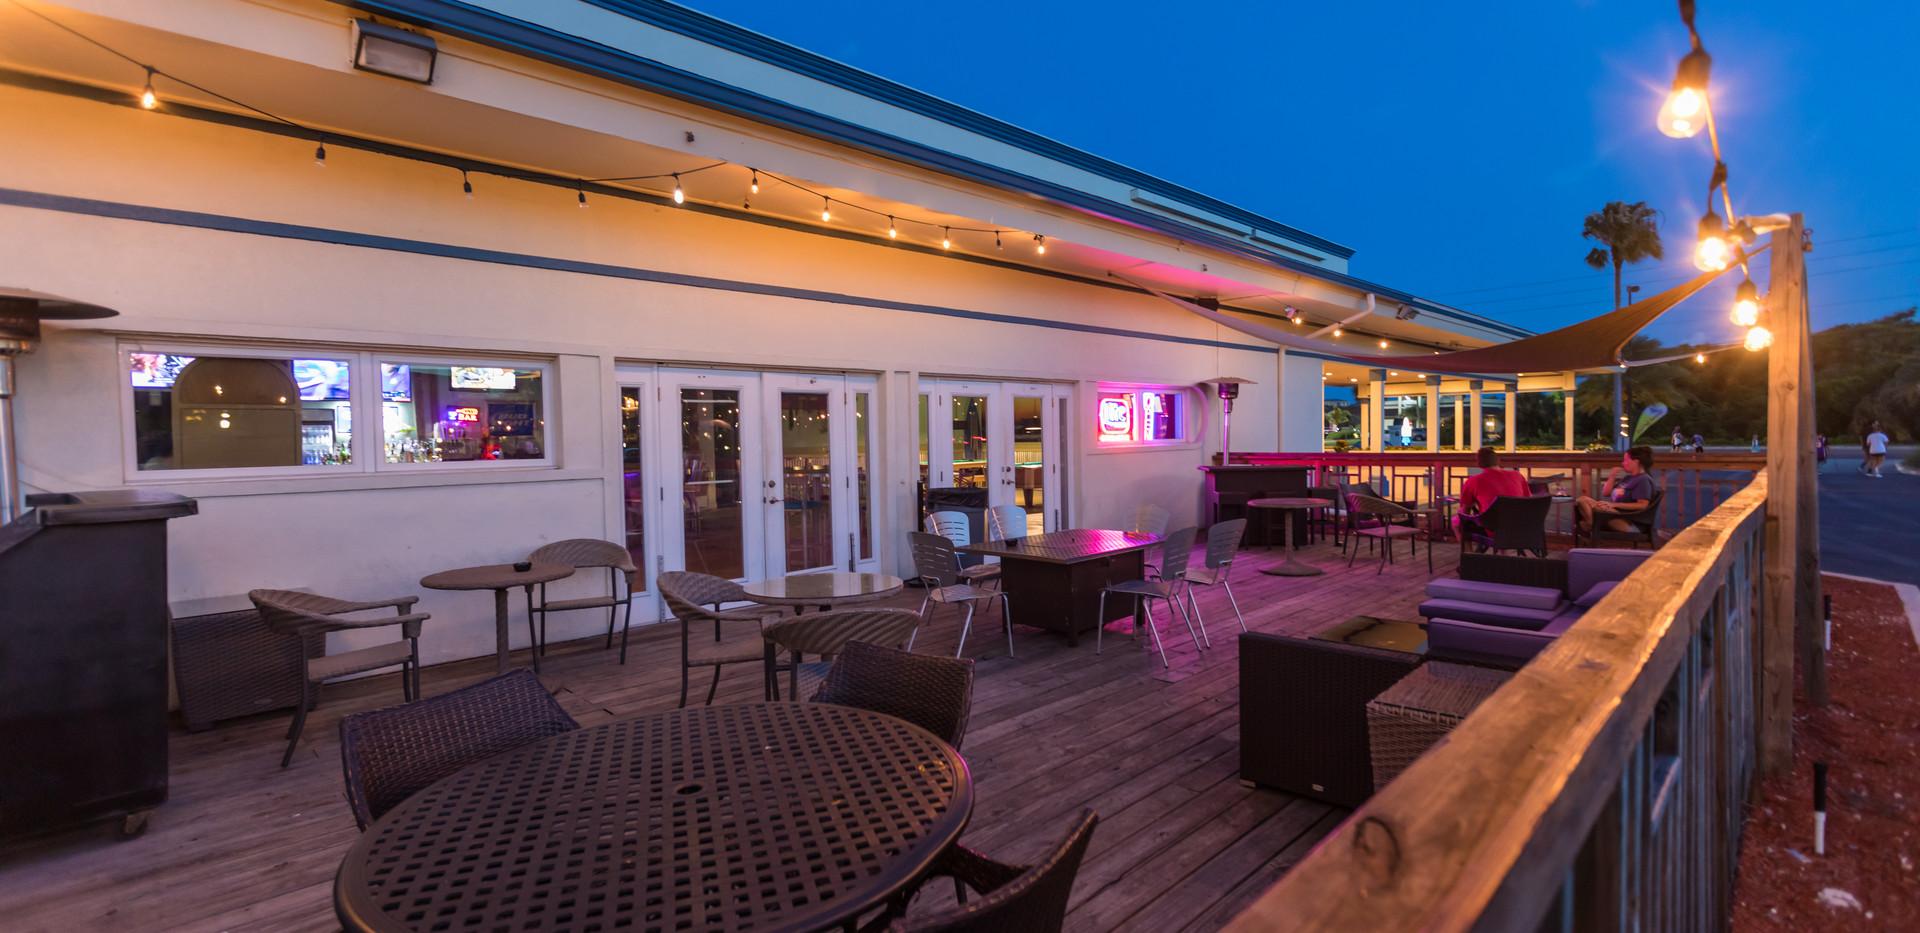 2019 Ocean Coast Hotel Rooms 094A - Dere